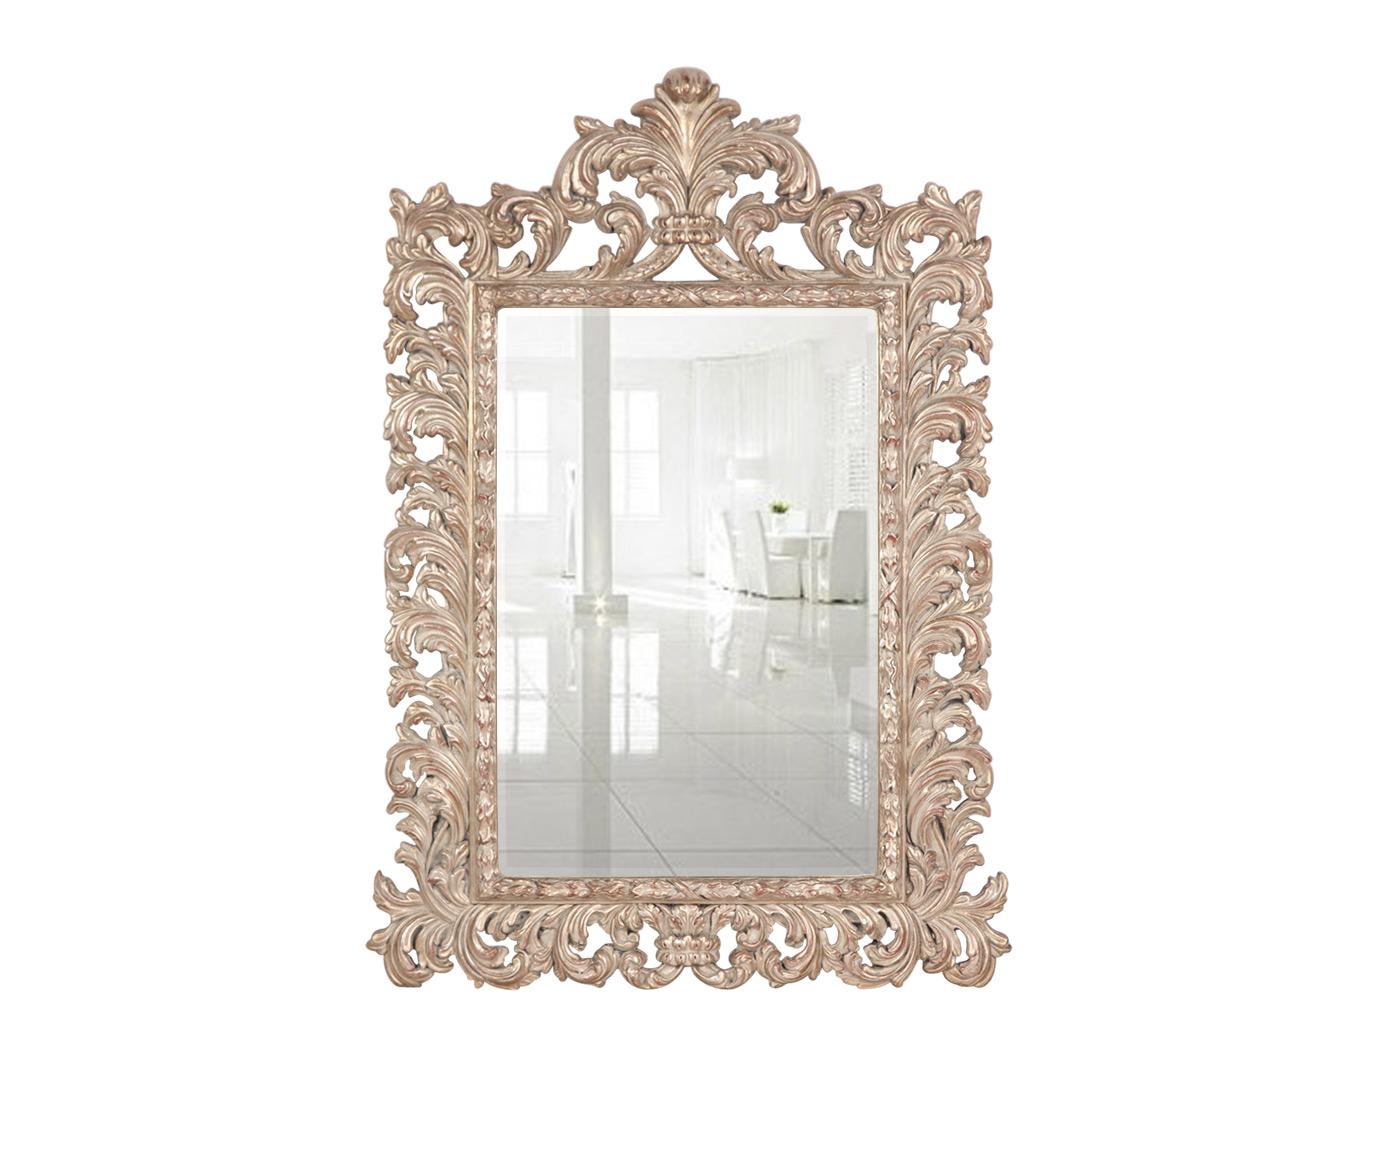 ЗеркалоНастенные зеркала<br><br><br>Material: Полистоун<br>Width см: 104,5<br>Depth см: 8<br>Height см: 150